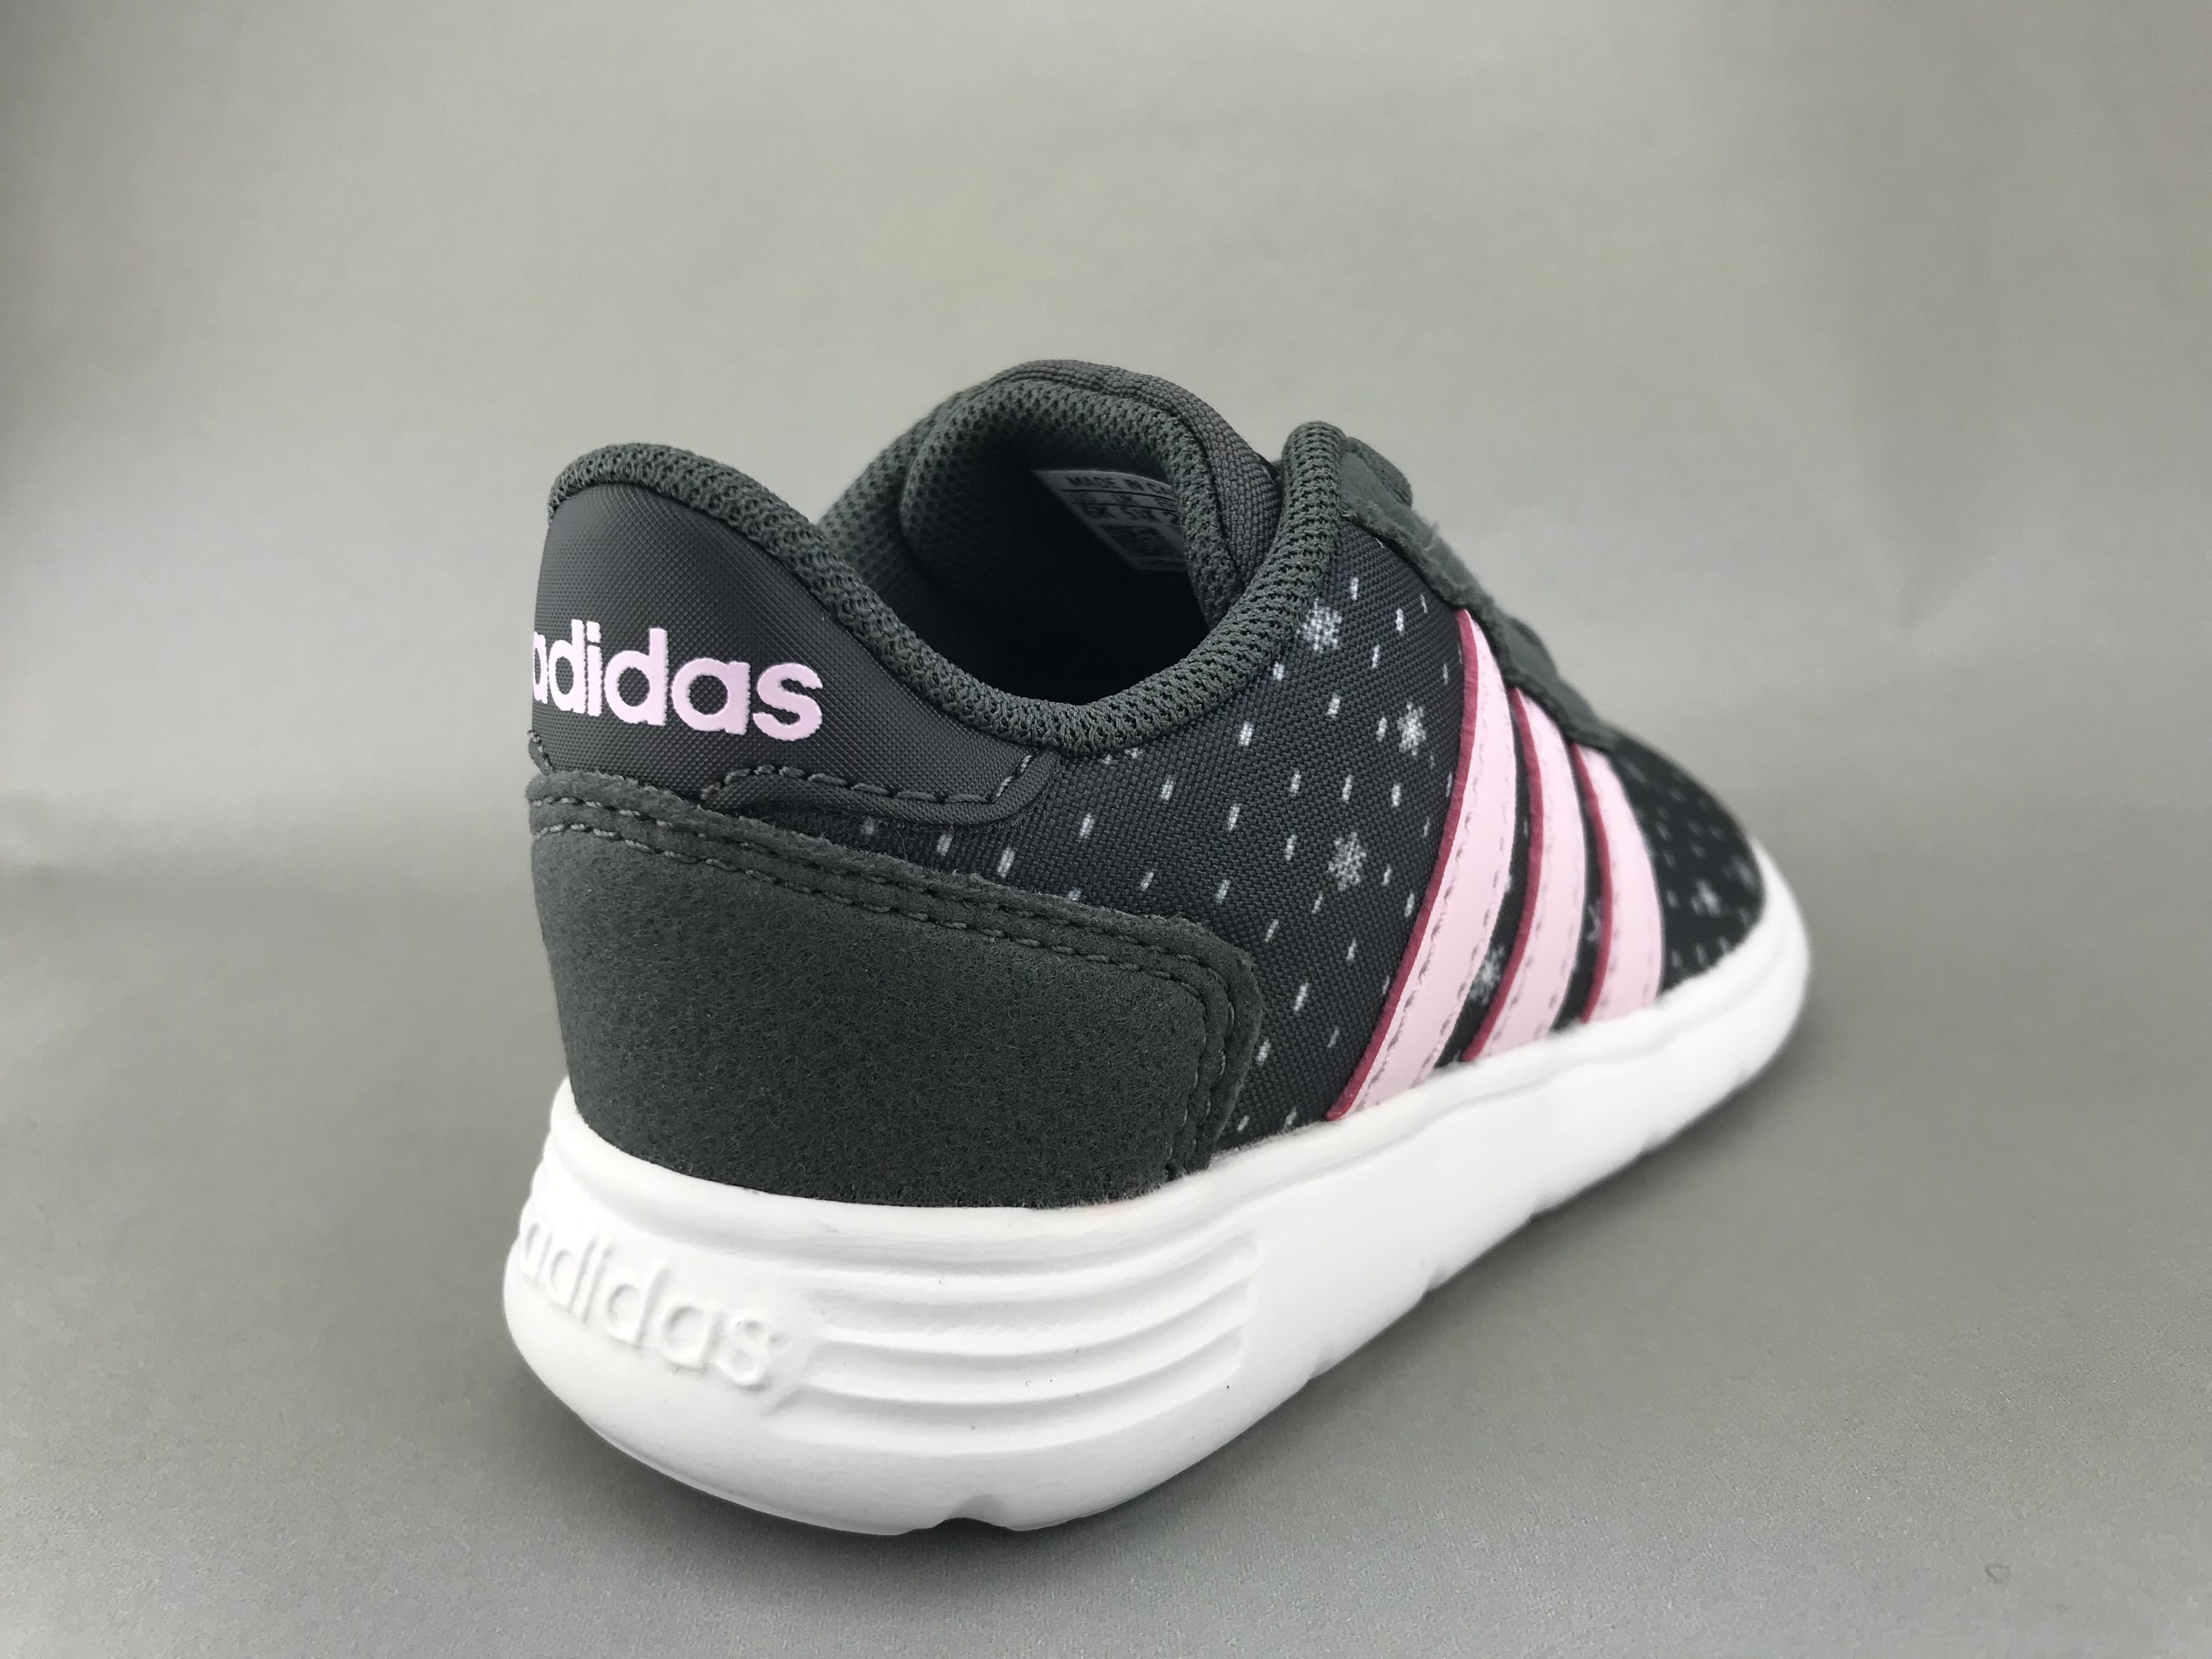 Adidas pige sneakers stjerner m. lyserøde detaljer BØRN